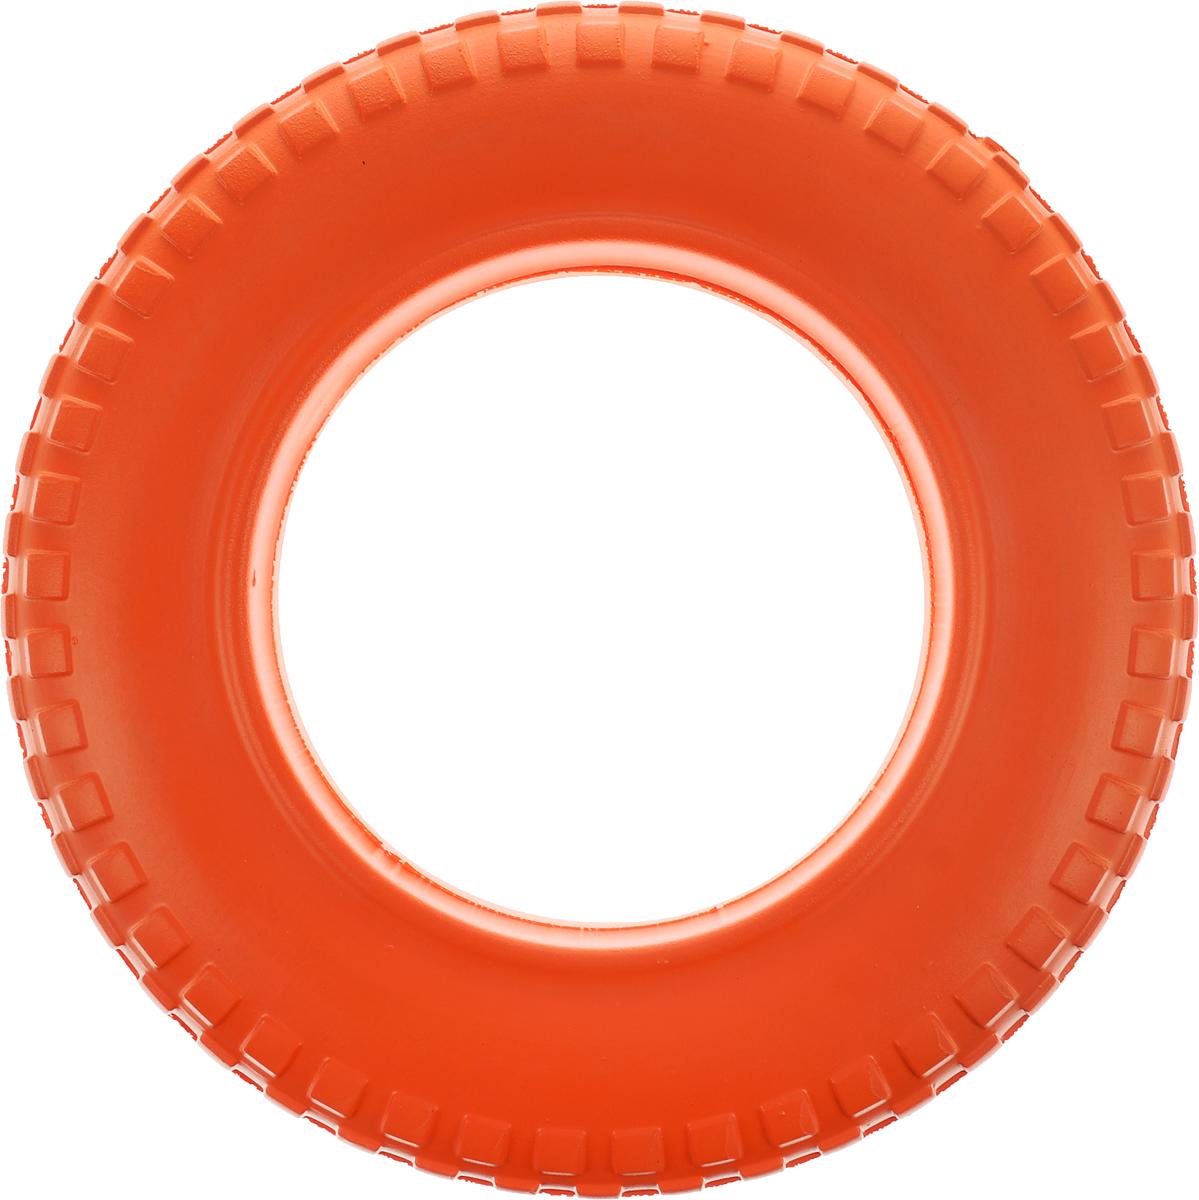 Игрушка для животных Doglike Шинка для колеса. Мега, диаметр 36 смDH 7516Doglike Шинка для колеса. Мега - простая и незамысловатая игрушка для собак, которая способна решить многие проблемы здоровья вашего четвероногого любимца. Если ваш пёс портит мебель, излишне агрессивен, непослушен или страдает излишним весом то, скорее всего, корень всех бед кроется в недостаточной физической и эмоциональной нагрузке. Порадуйте своего питомца прекрасным и качественным подарком. Диаметр игрушки: 36 см.